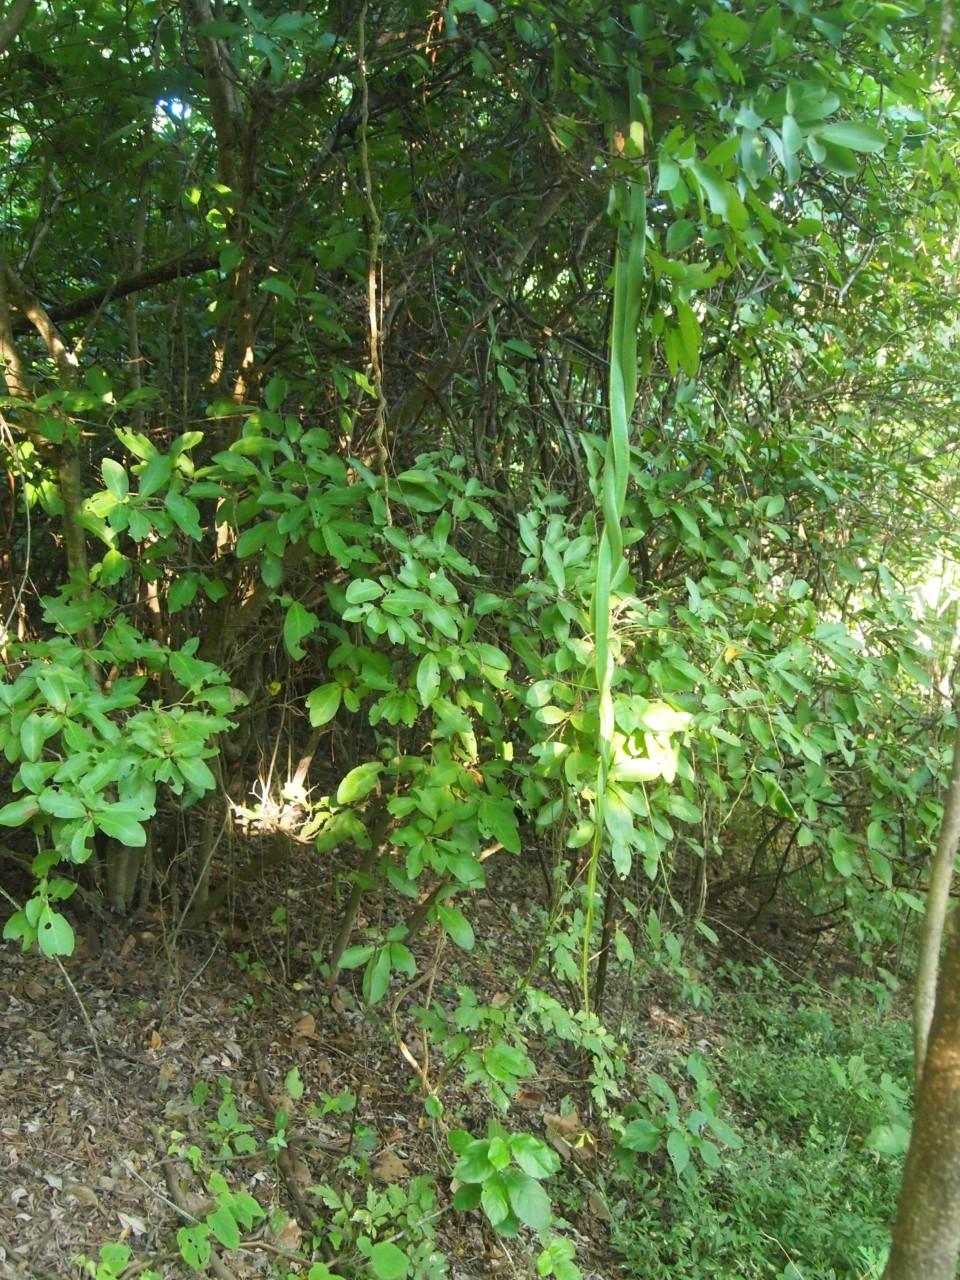 Diese zwei Schlangen hingen direkt vom Baum runter über einem Weg. Fast wären wir in sie gelaufen.